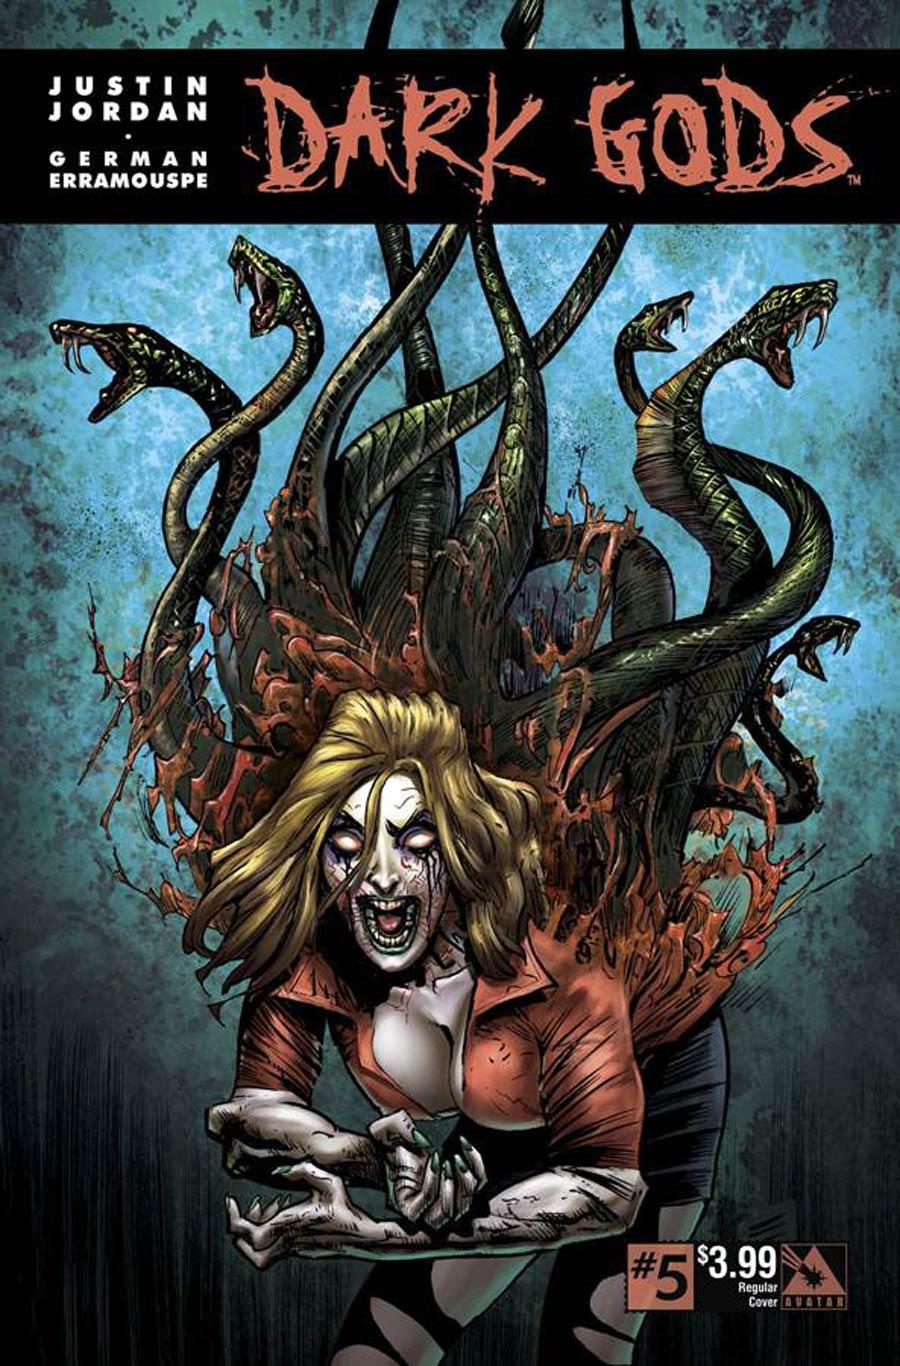 Dark Gods #5 Cover A Regular Cover